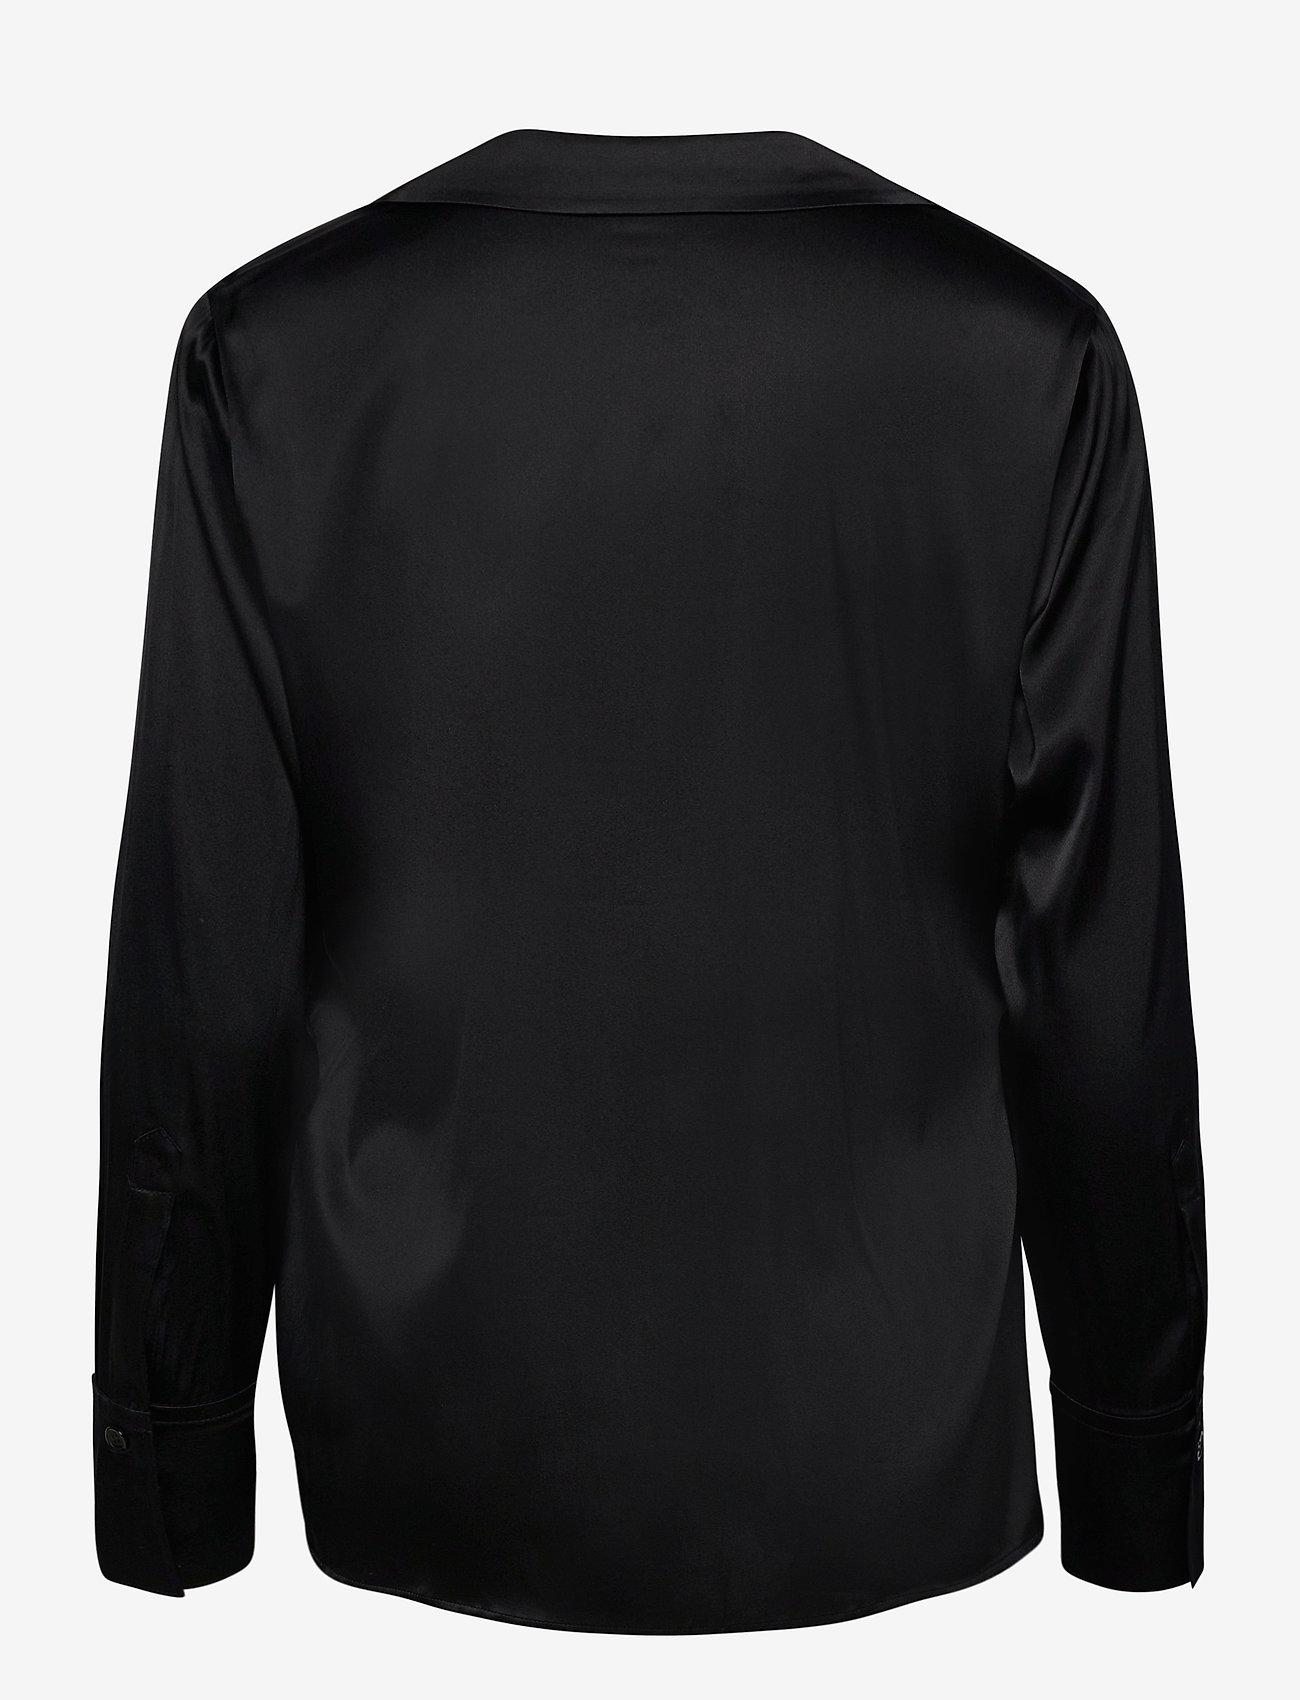 SAND - 3176 - Adal - blouses à manches longues - black - 1